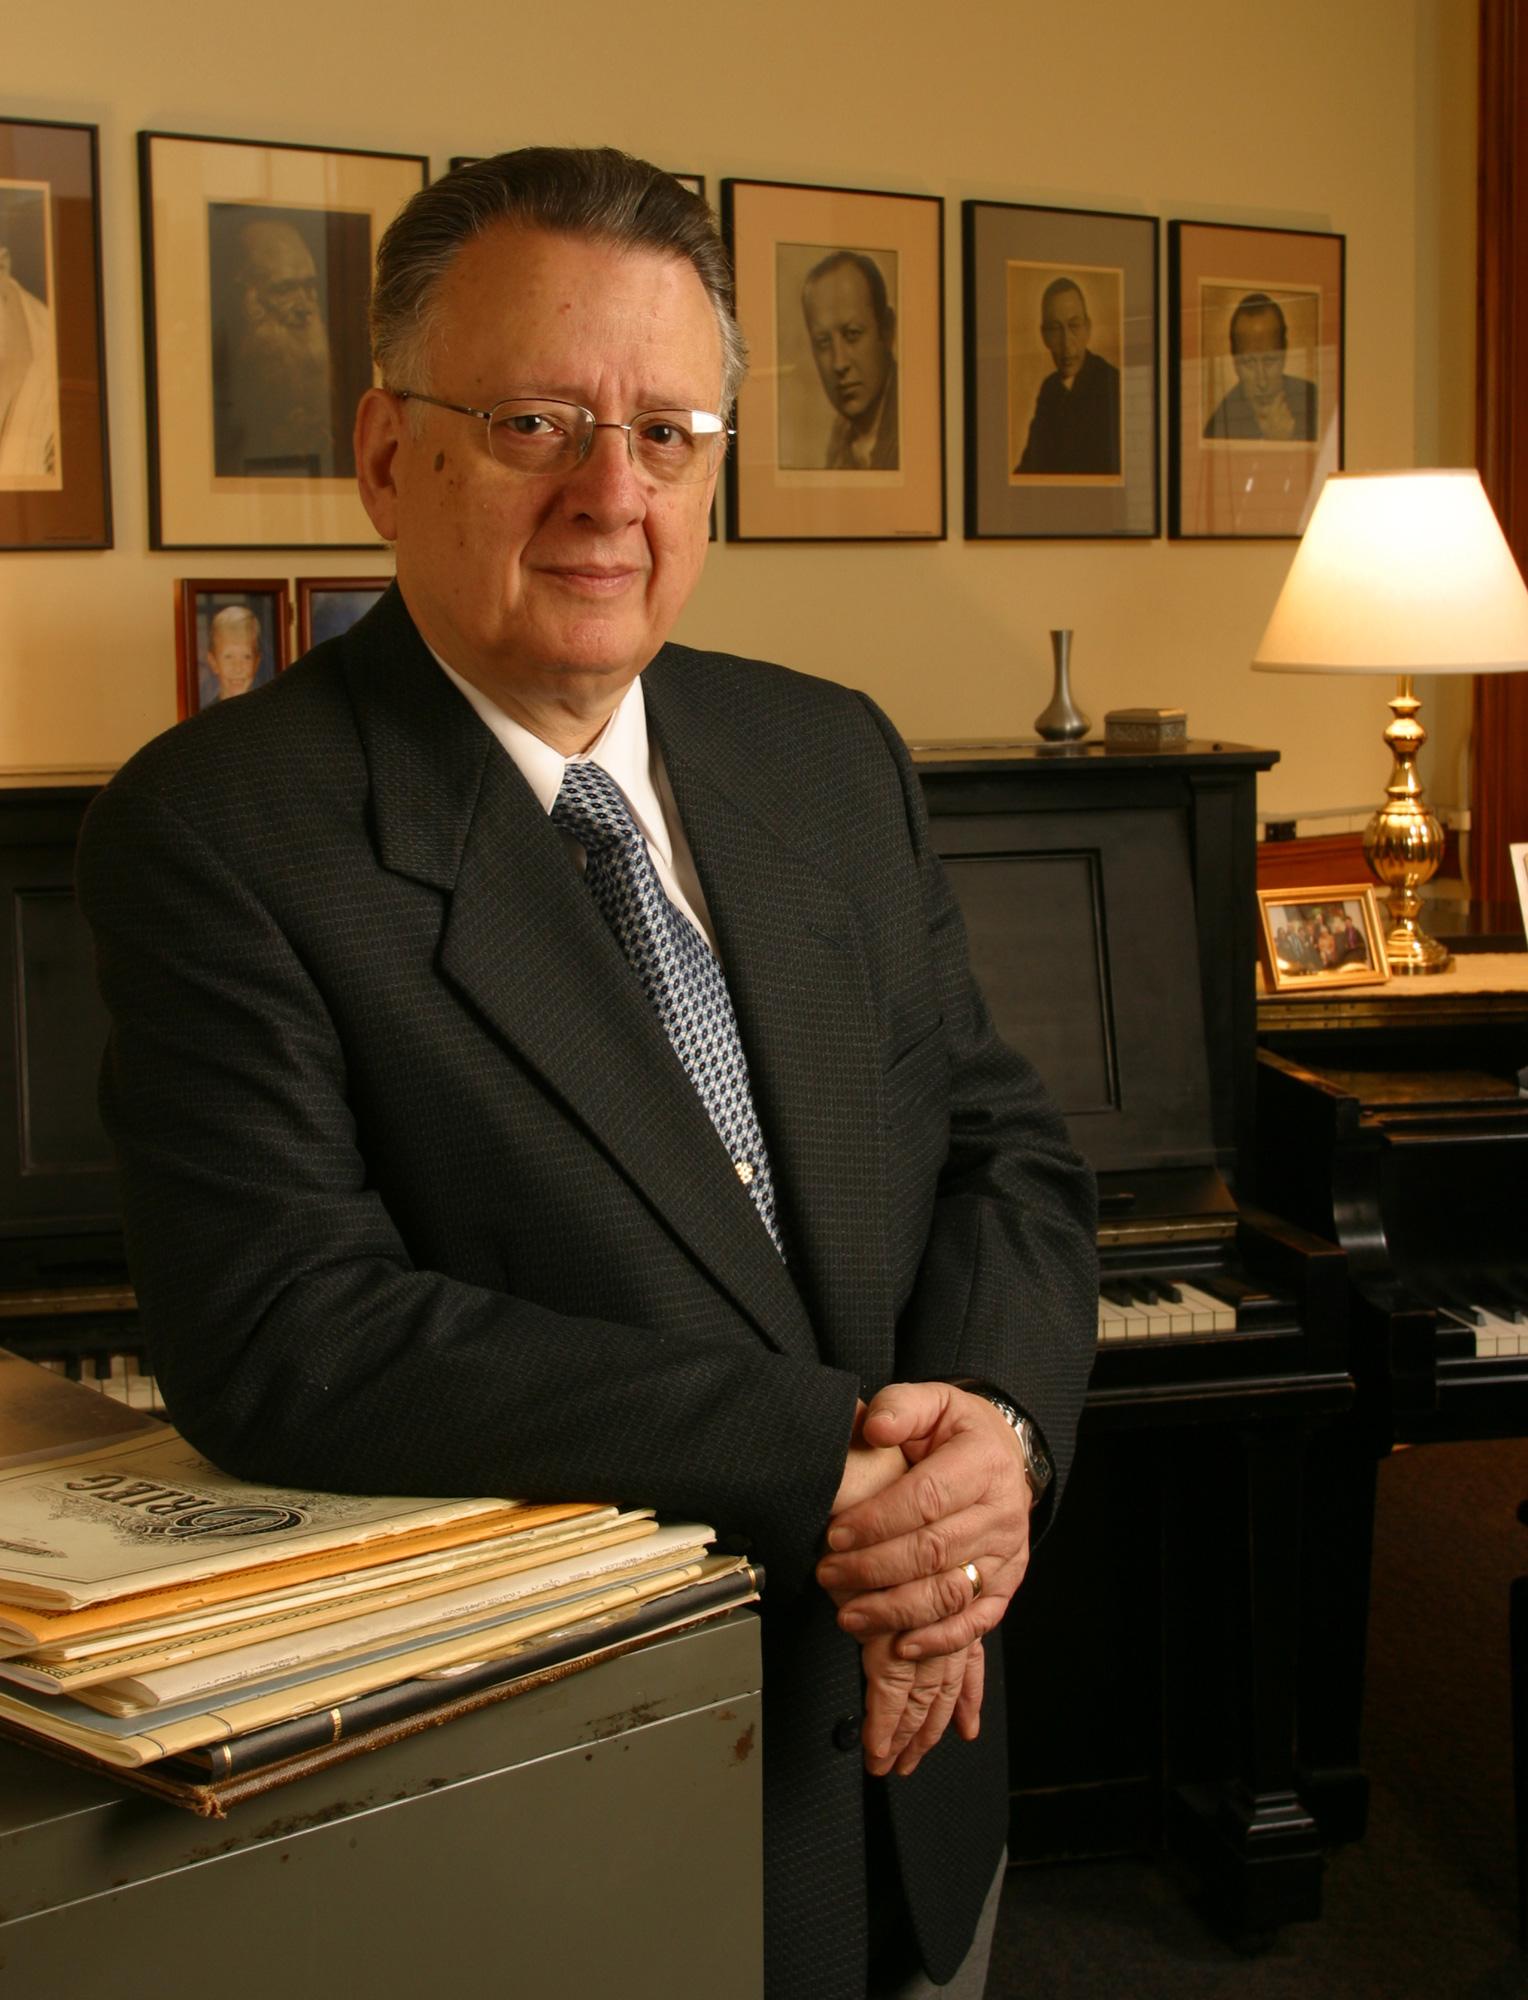 Vincent Lenti